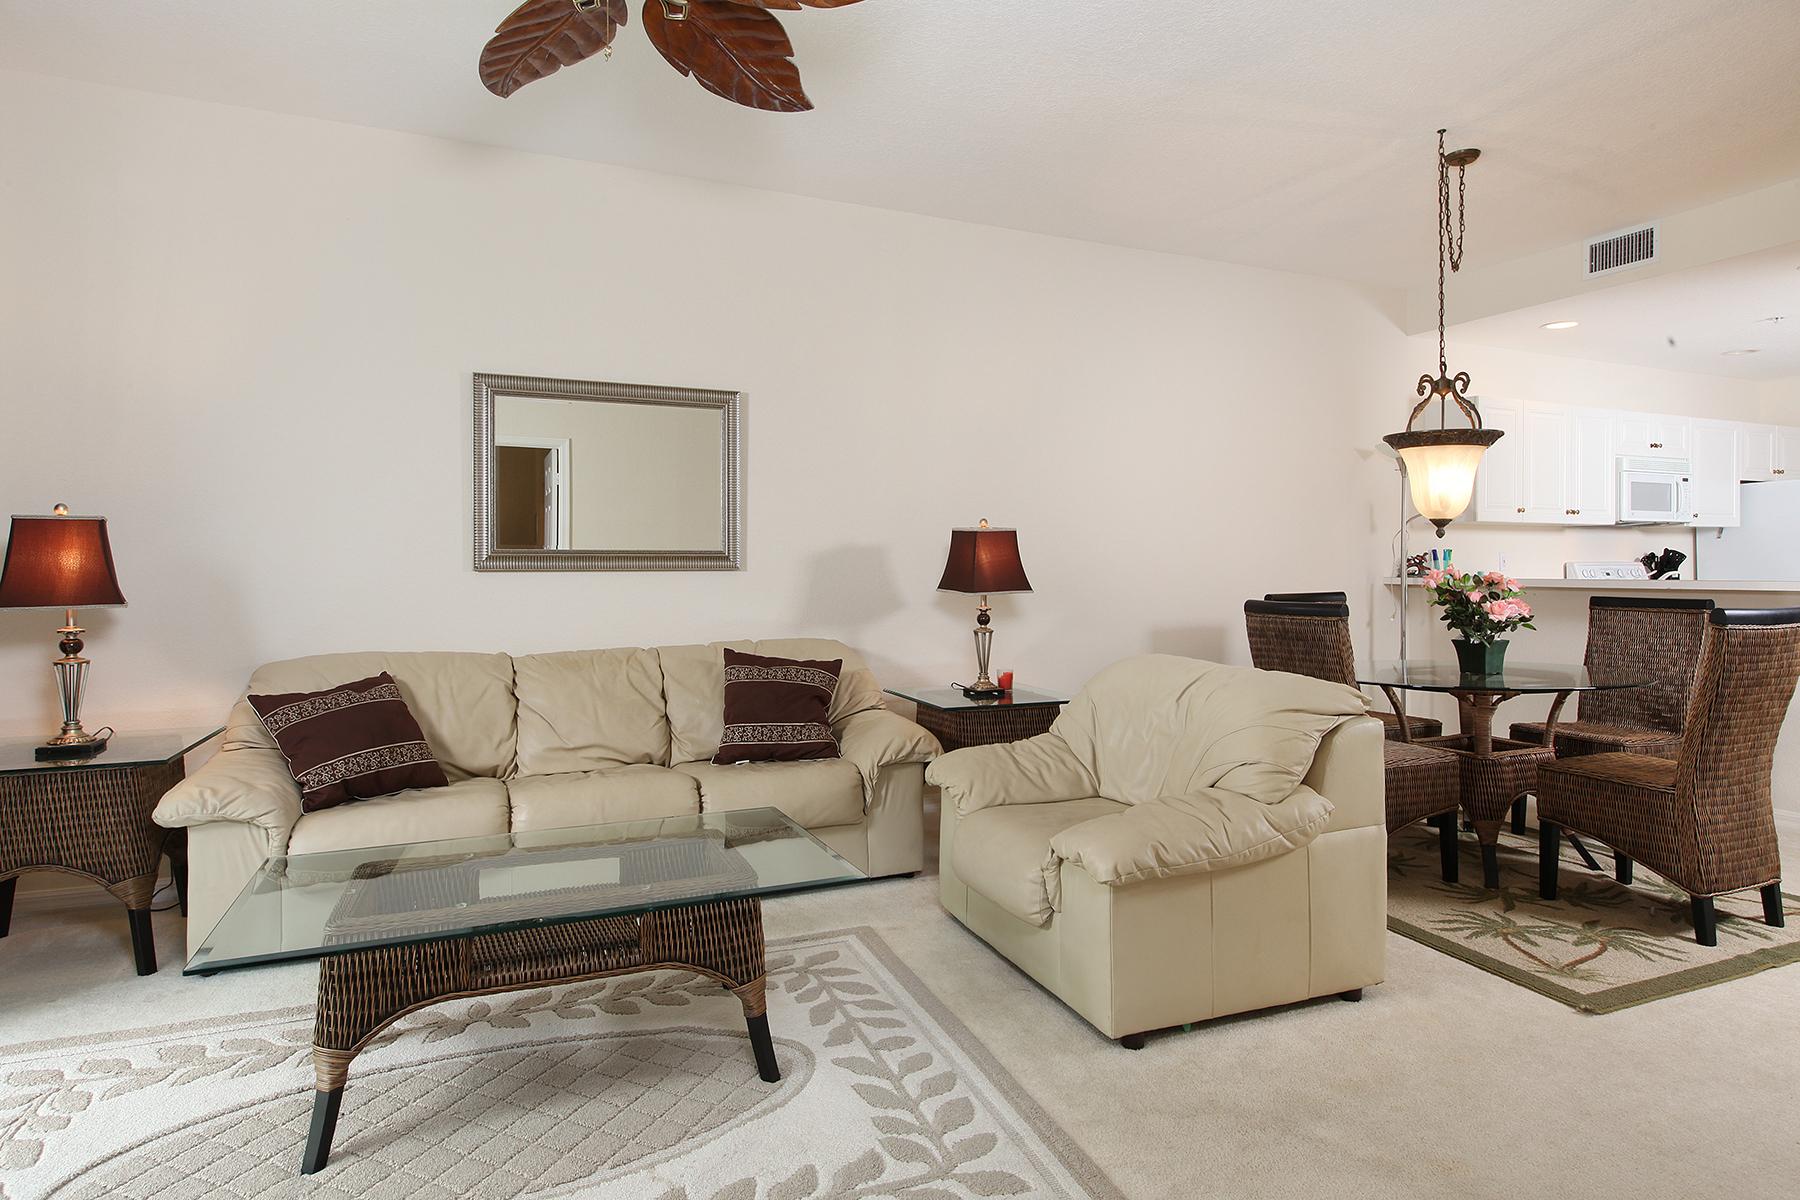 Eigentumswohnung für Verkauf beim WHISPER TRACE - FIDDLER'S CREEK 8365 Whisper Trace Way 102 Naples, Florida, 34114 Vereinigte Staaten